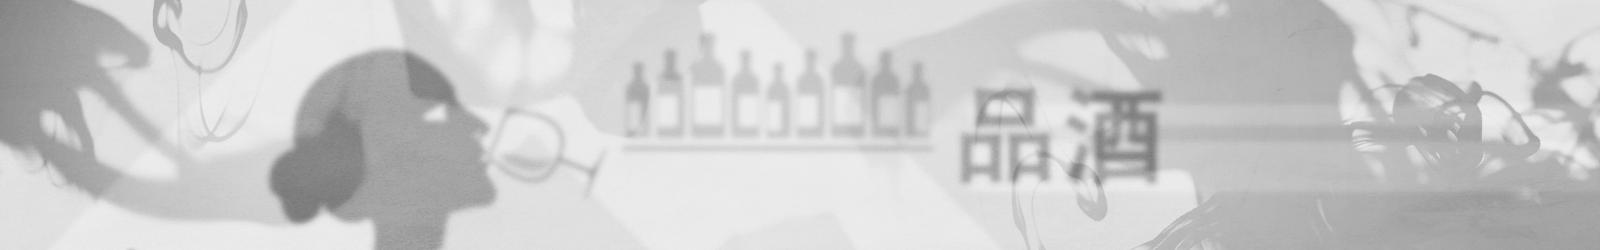 葡萄酒之路上的绿洲